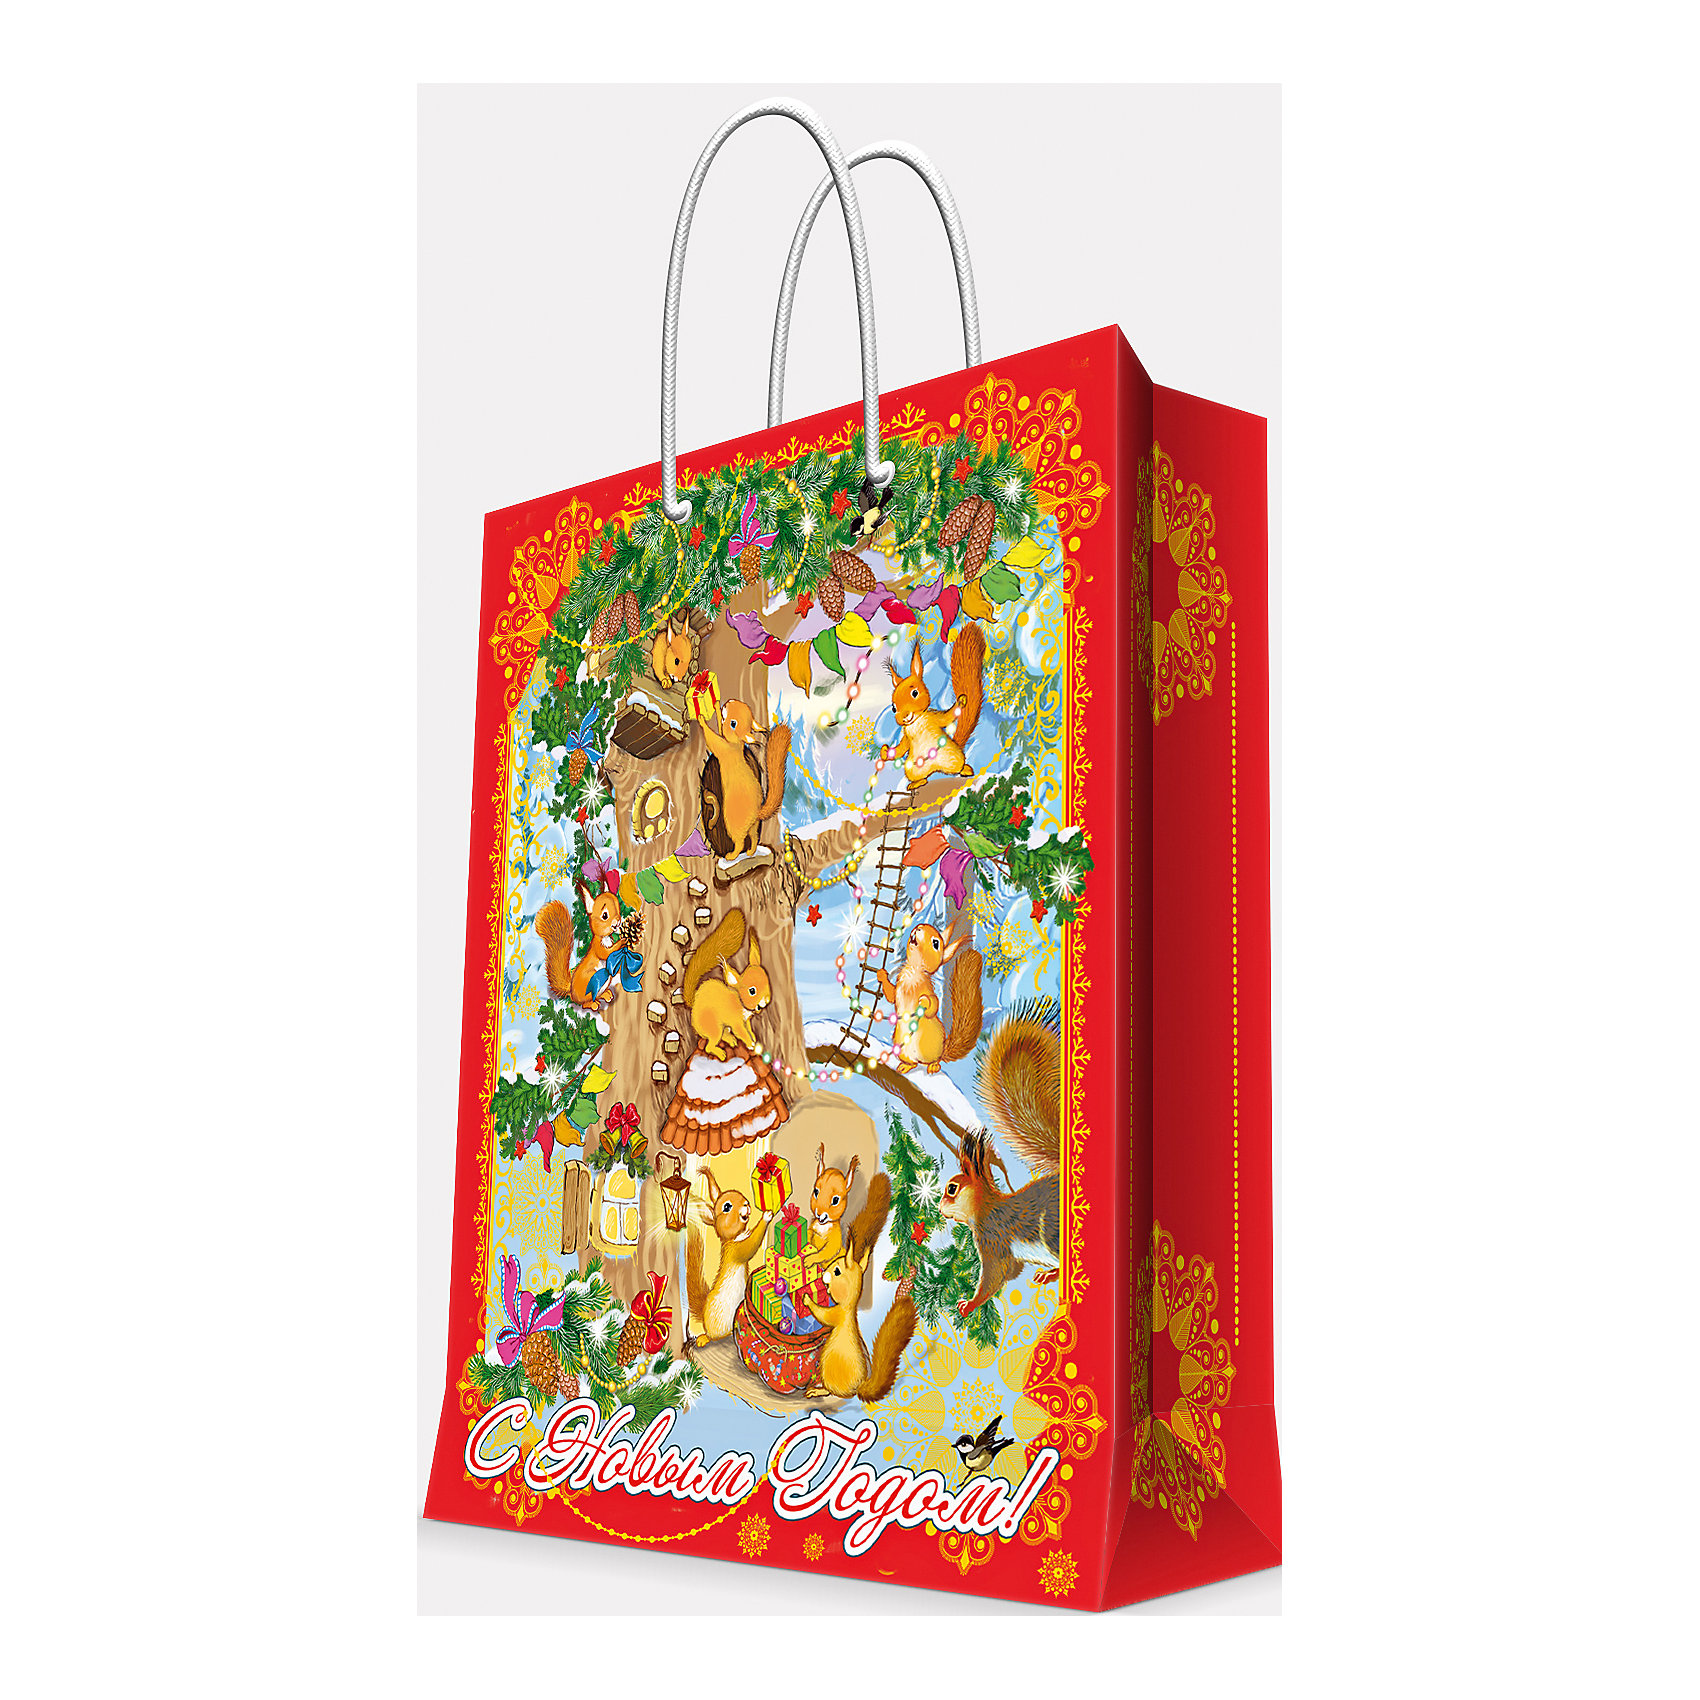 Подарочный пакет Белочки 33*45,7*10,2 смПредновогодние хлопоты многие любят даже больше самого праздника! Праздничное настроение создает украшенный дом, наряженная ёлка, запах мандаринов, предновогодняя суета и, конечно же, подарки! Чтобы сделать момент вручения приятнее, нужен красивый подарочный пакет.<br>Этот пакет украшен симпатичным универсальным рисунком, поэтому в него можно упаковать подарок и родственнику, и коллеге. Он сделан из безопасного для детей, прочного, но легкого, материала. Создайте с ним праздничное настроение себе и близким!<br><br>Дополнительная информация:<br><br>плотность бумаги: 140 г/м2;<br>размер: 33 х 46 х 10 см;<br>с ламинацией;<br>украшен рисунком.<br><br>Подарочный пакет Белочки 33*45,7*10,2 см можно купить в нашем магазине.<br><br>Ширина мм: 330<br>Глубина мм: 457<br>Высота мм: 102<br>Вес г: 87<br>Возраст от месяцев: 36<br>Возраст до месяцев: 2147483647<br>Пол: Унисекс<br>Возраст: Детский<br>SKU: 4981583